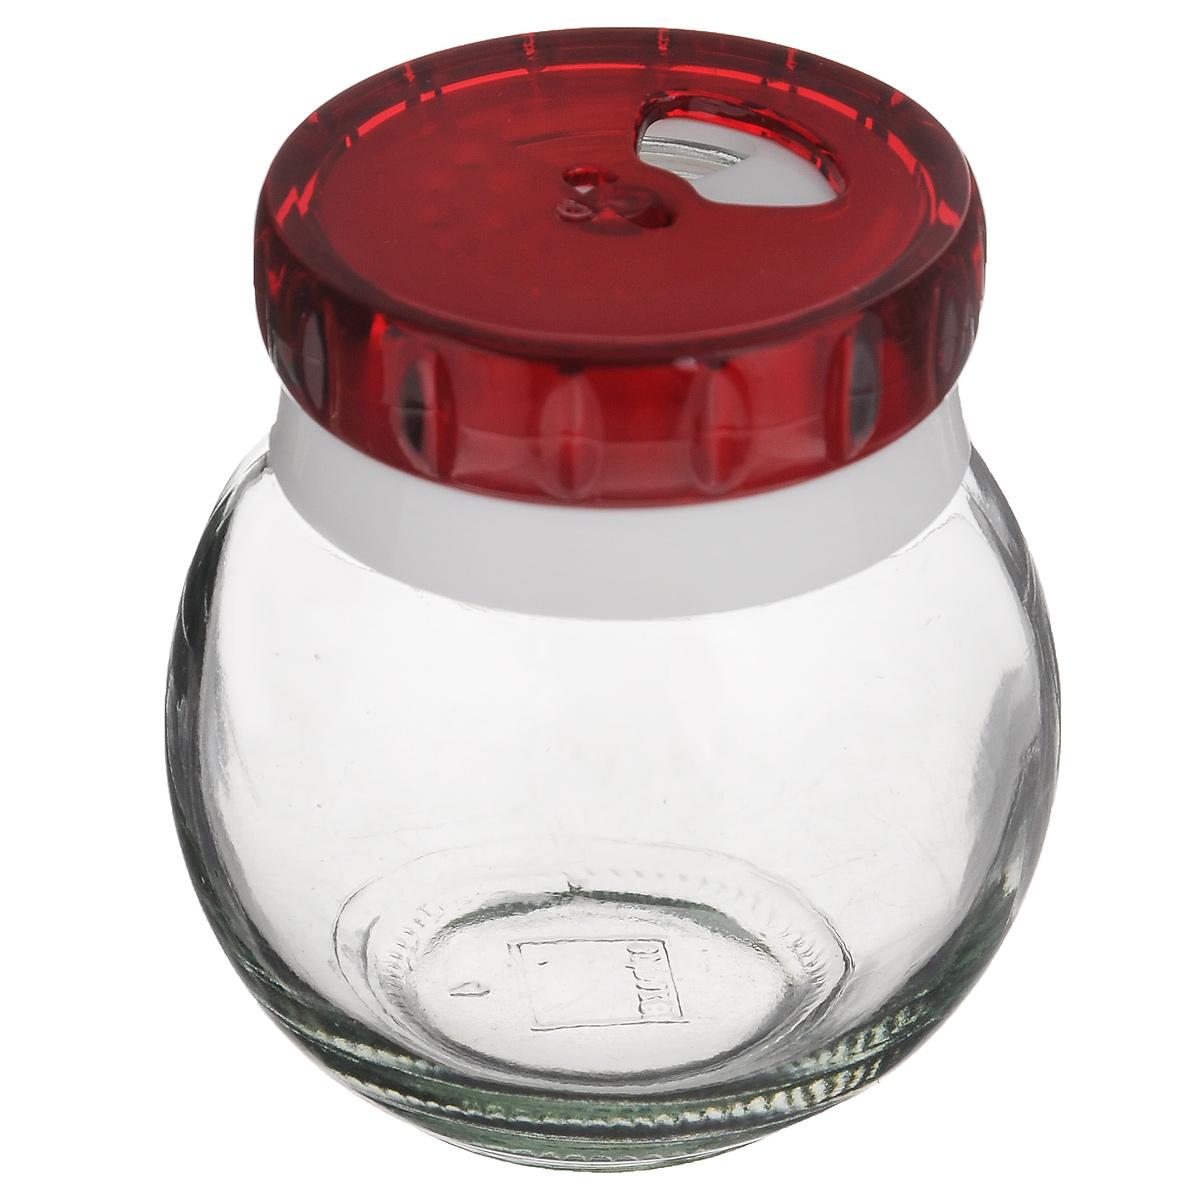 Банка для специй Herevin, цвет: красный, 200 мл. 131007-802131007-802_красныйБанка для специй Herevin выполнена из прозрачного стекла и оснащена пластиковой цветной крышкой с отверстиями разного размера, благодаря которым, вы сможете приправить блюда, просто перевернув банку. Крышка снабжена поворотным механизмом, благодаря которому вы сможете регулировать степень подачи специй. Крышка легко откручивается, благодаря чему засыпать приправу внутрь очень просто. Такая баночка станет достойным дополнением к вашему кухонному инвентарю. Можно мыть в посудомоечной машине.Объем: 200 мл.Диаметр (по верхнему краю): 4 см.Высота банки (без учета крышки): 7 см.